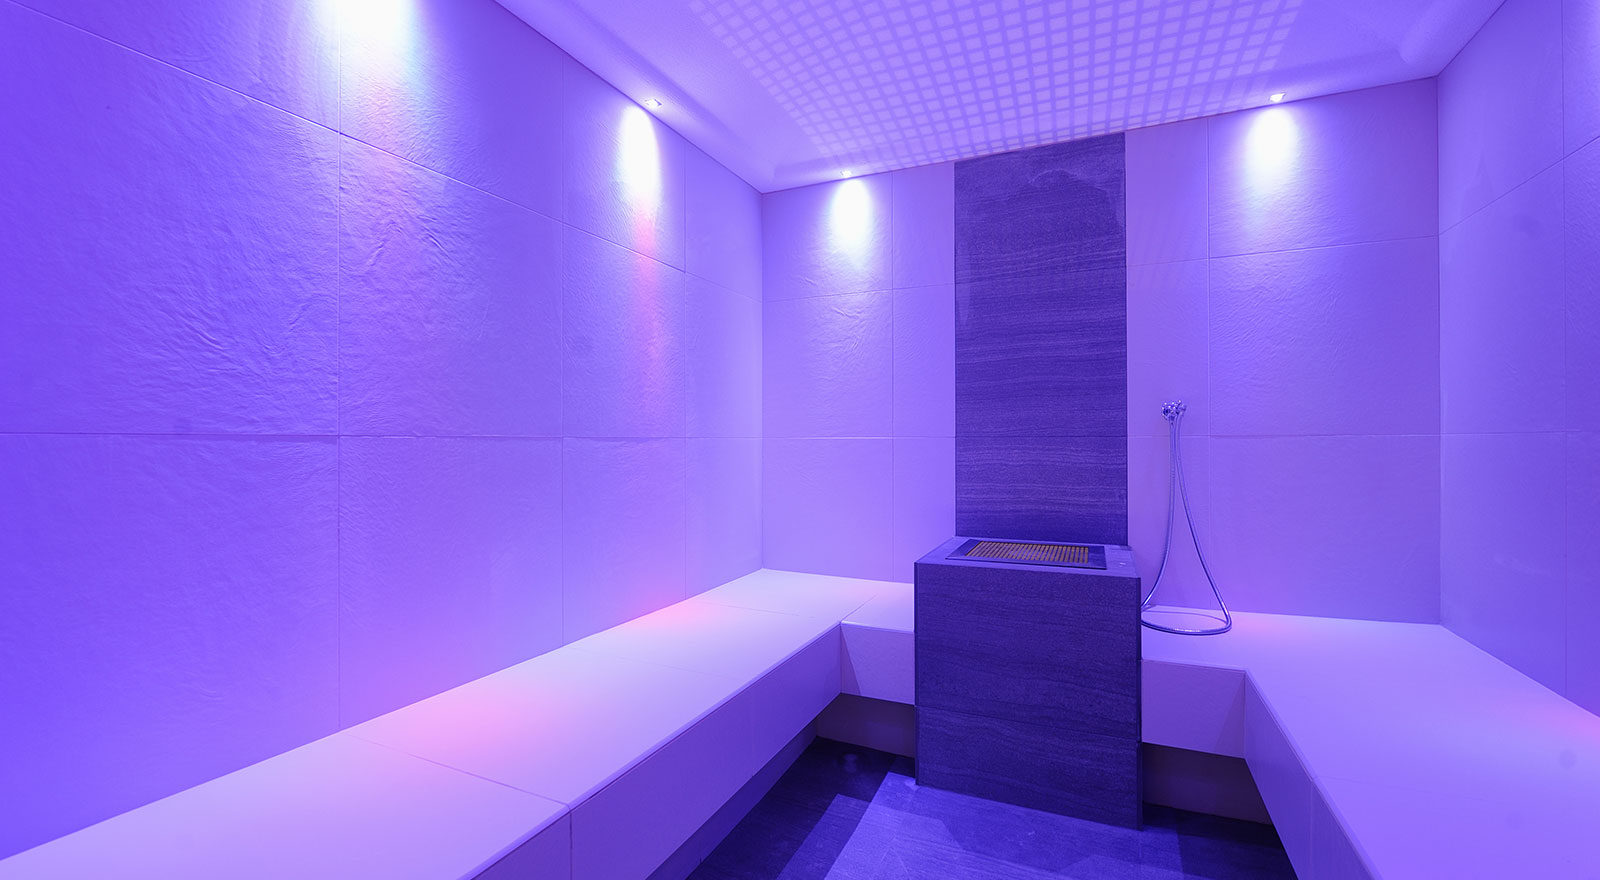 Bagno turco sauna in spa a madonna di campiglio hotel - Differenza sauna e bagno turco ...